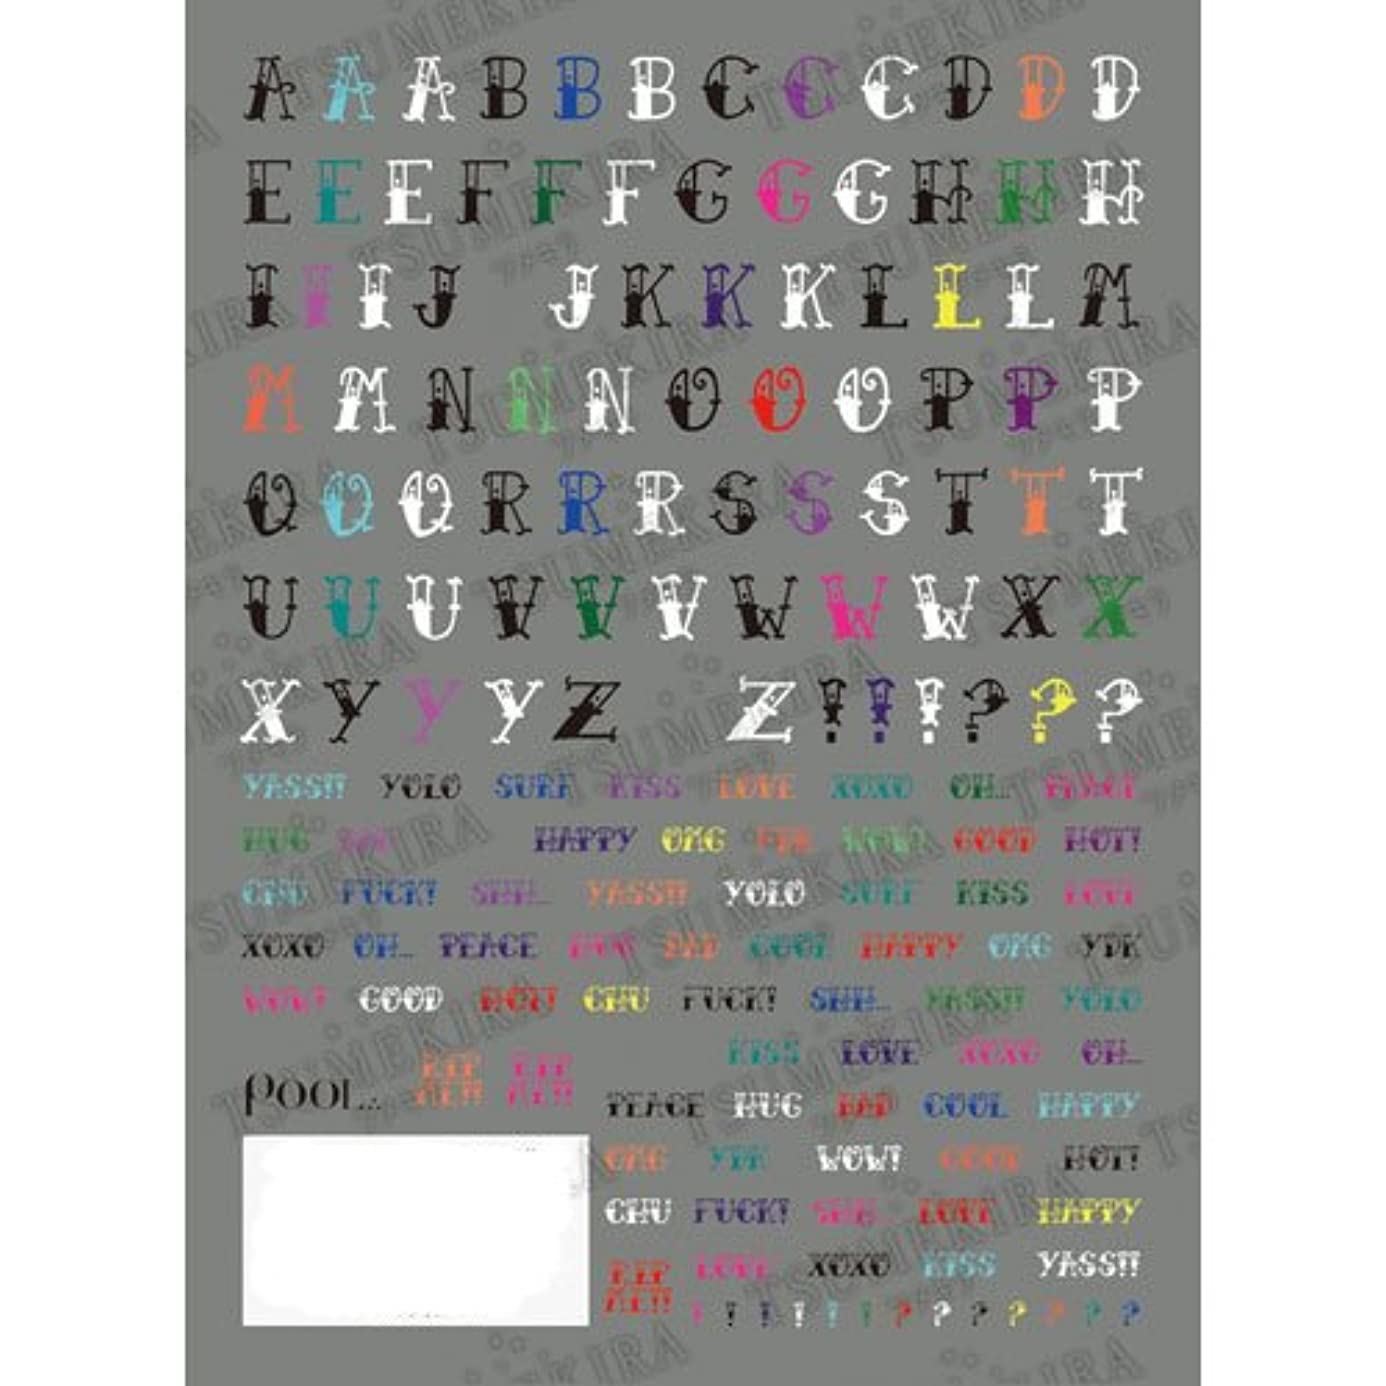 忘れる手配する構成ツメキラ(TSUMEKIRA) ネイル用シール クラシックABC NN-PRD-706